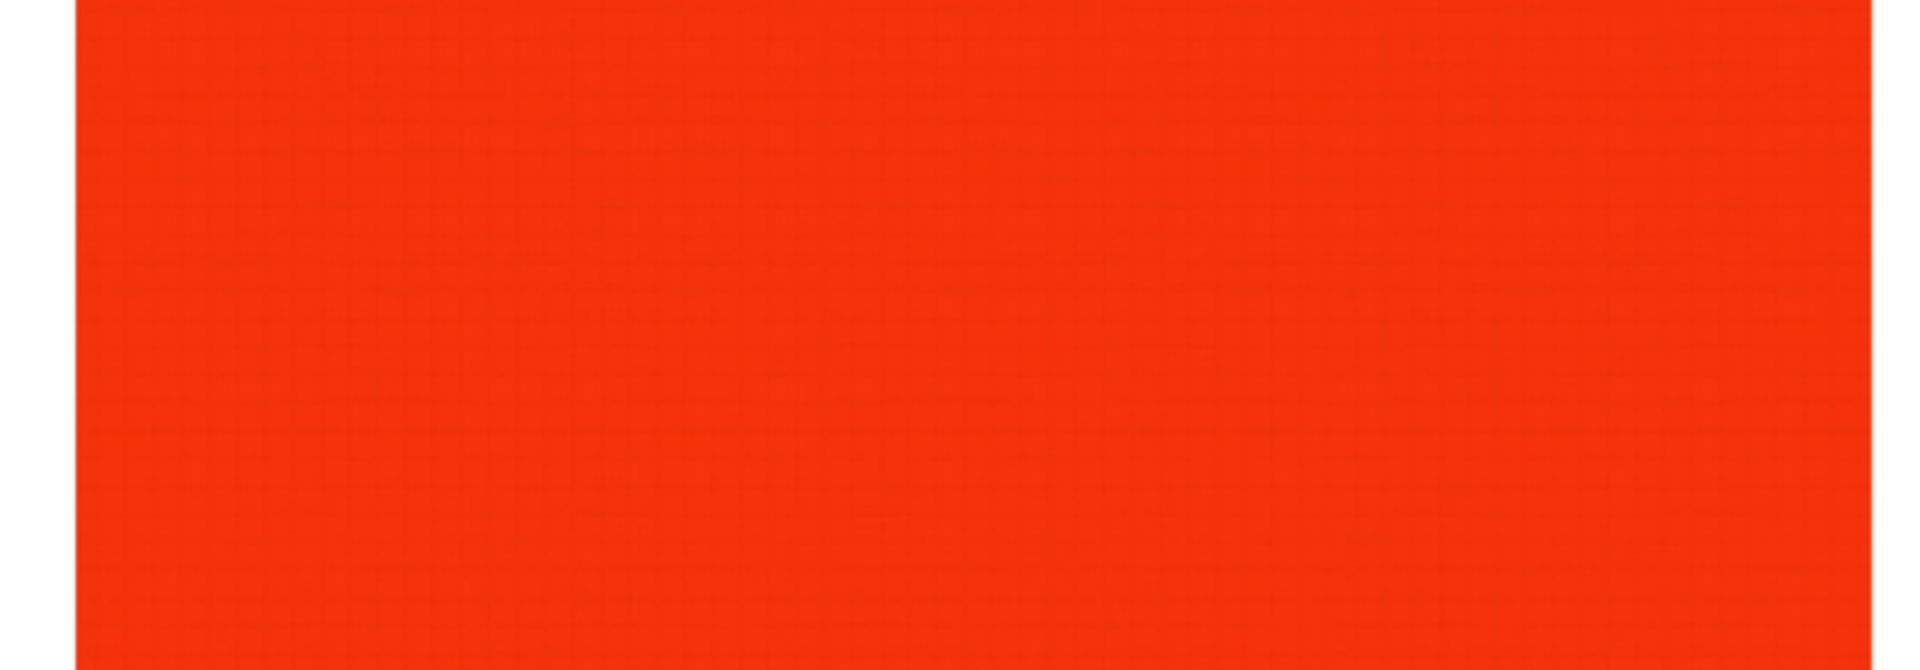 Patchdazzle DIY Repair Patch Orange